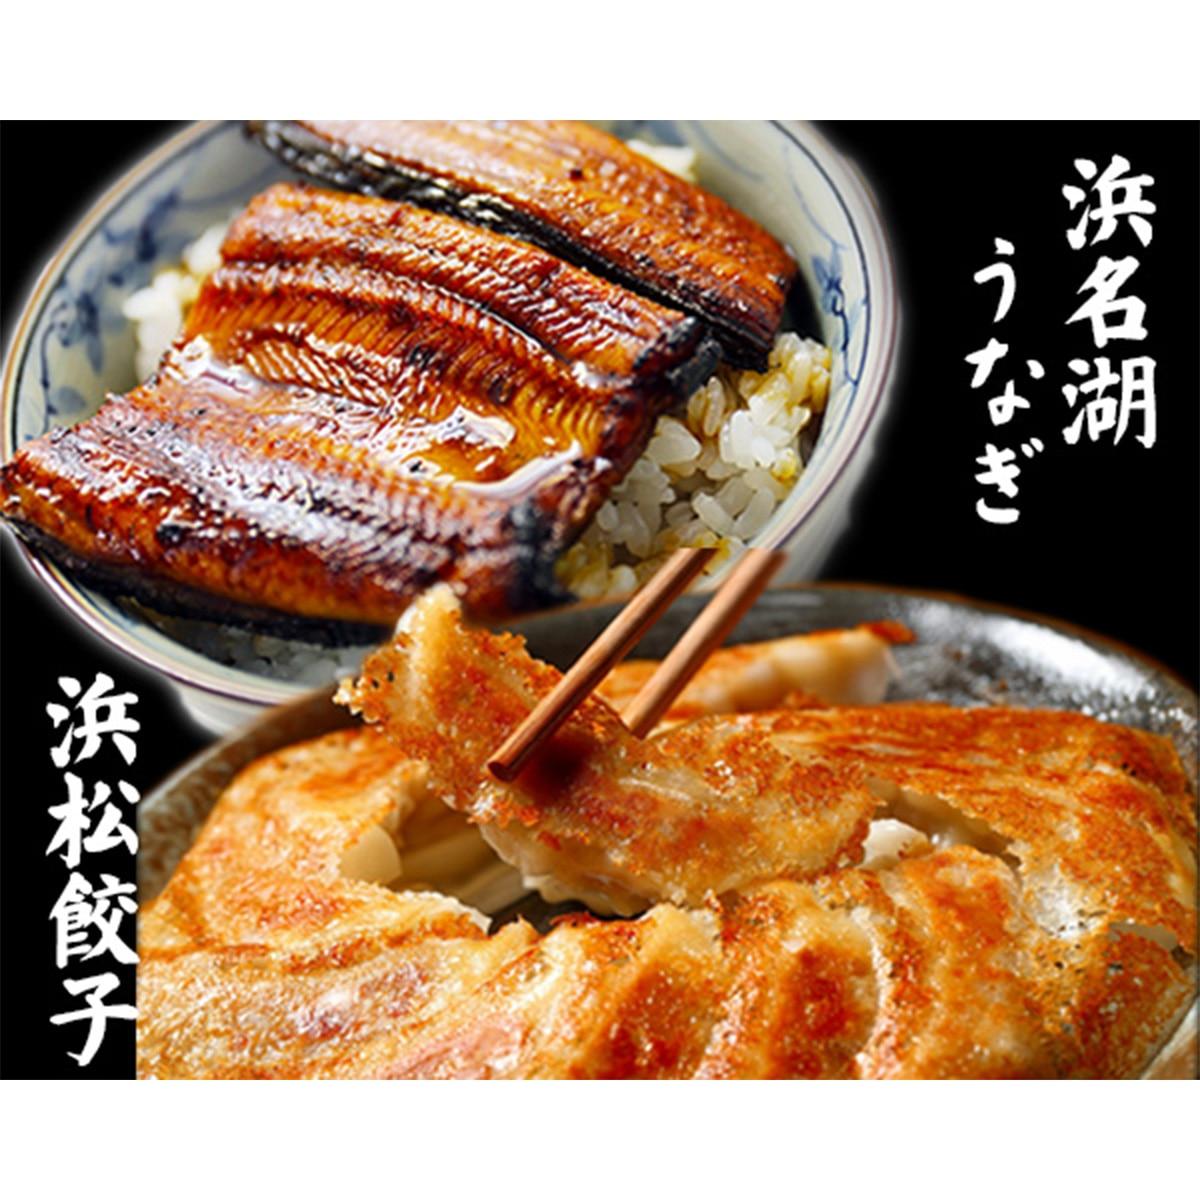 浜松三星 浜名湖うなぎ(蒲焼80g×2パック)と浜松餃子(餃子20g×30粒)セット【ギフト箱入】